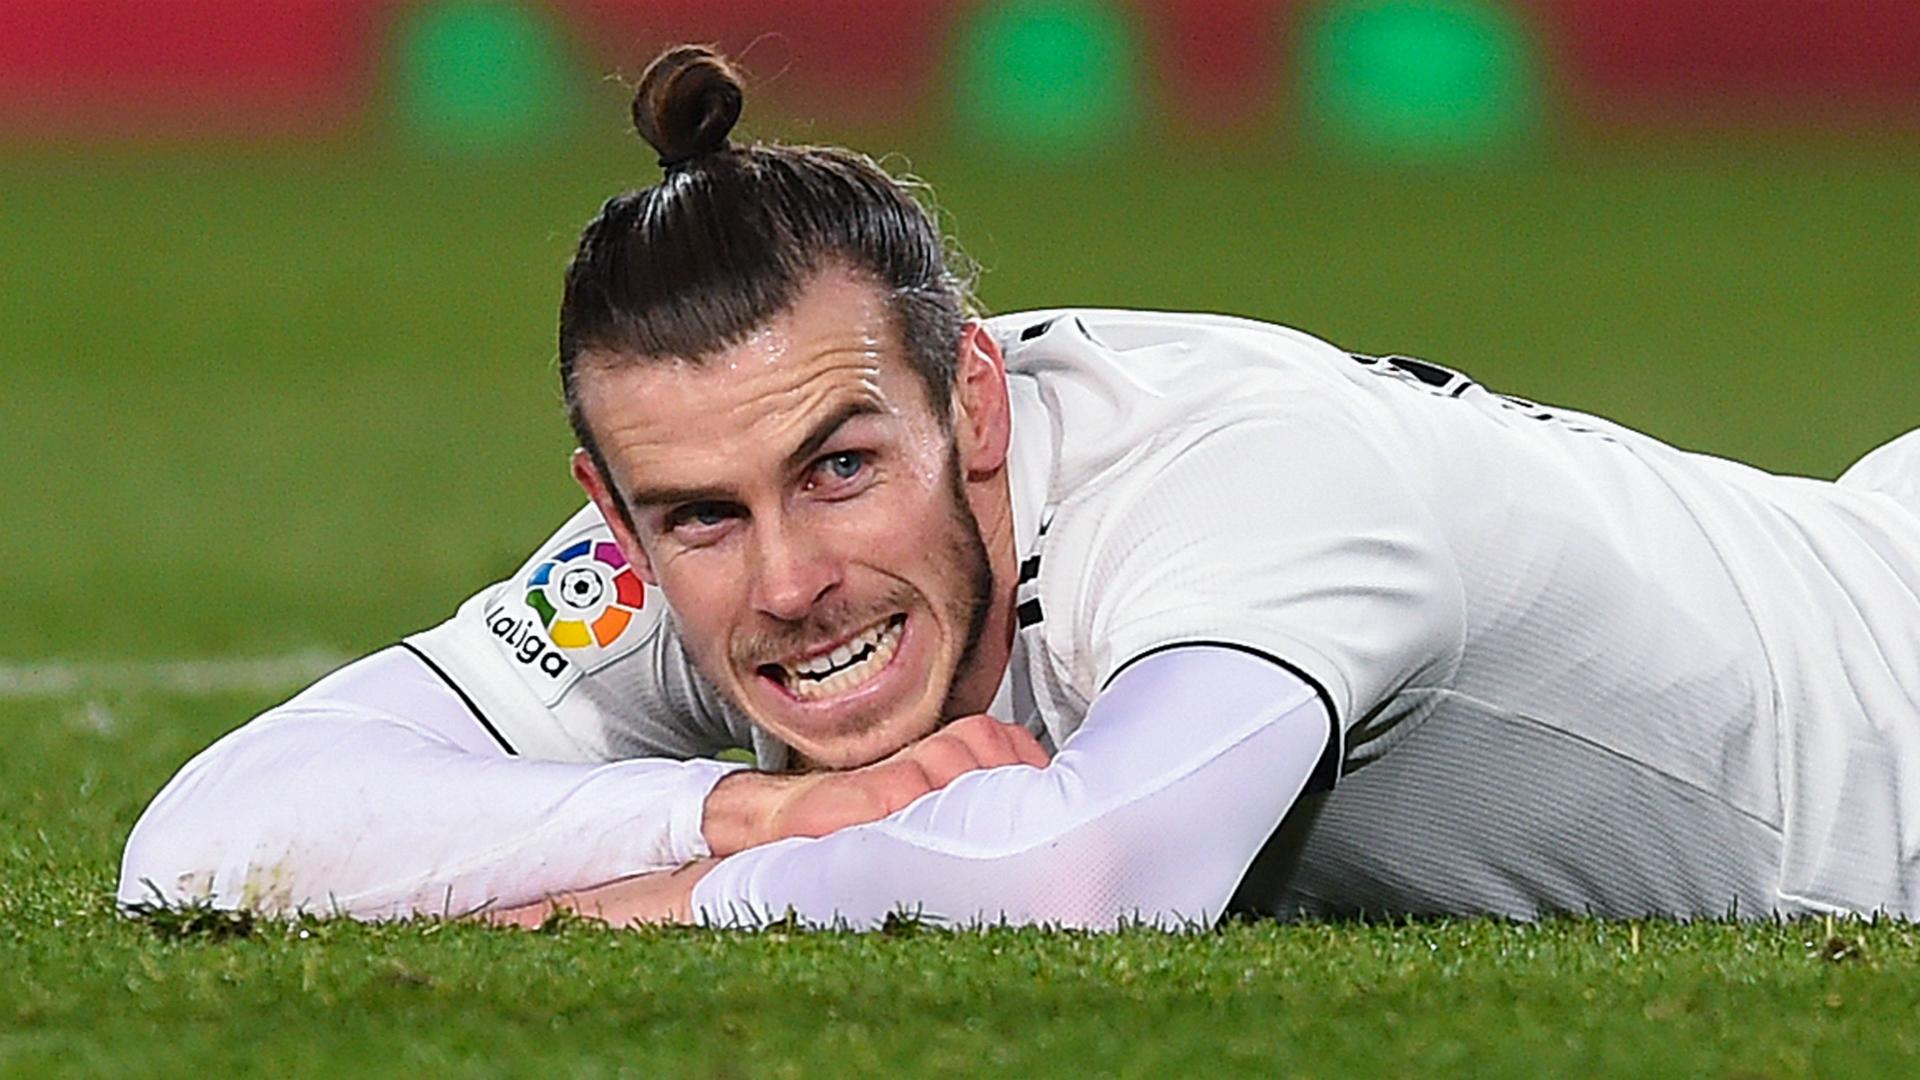 Bale at risk of 12-game ban for Madrid derby celebration